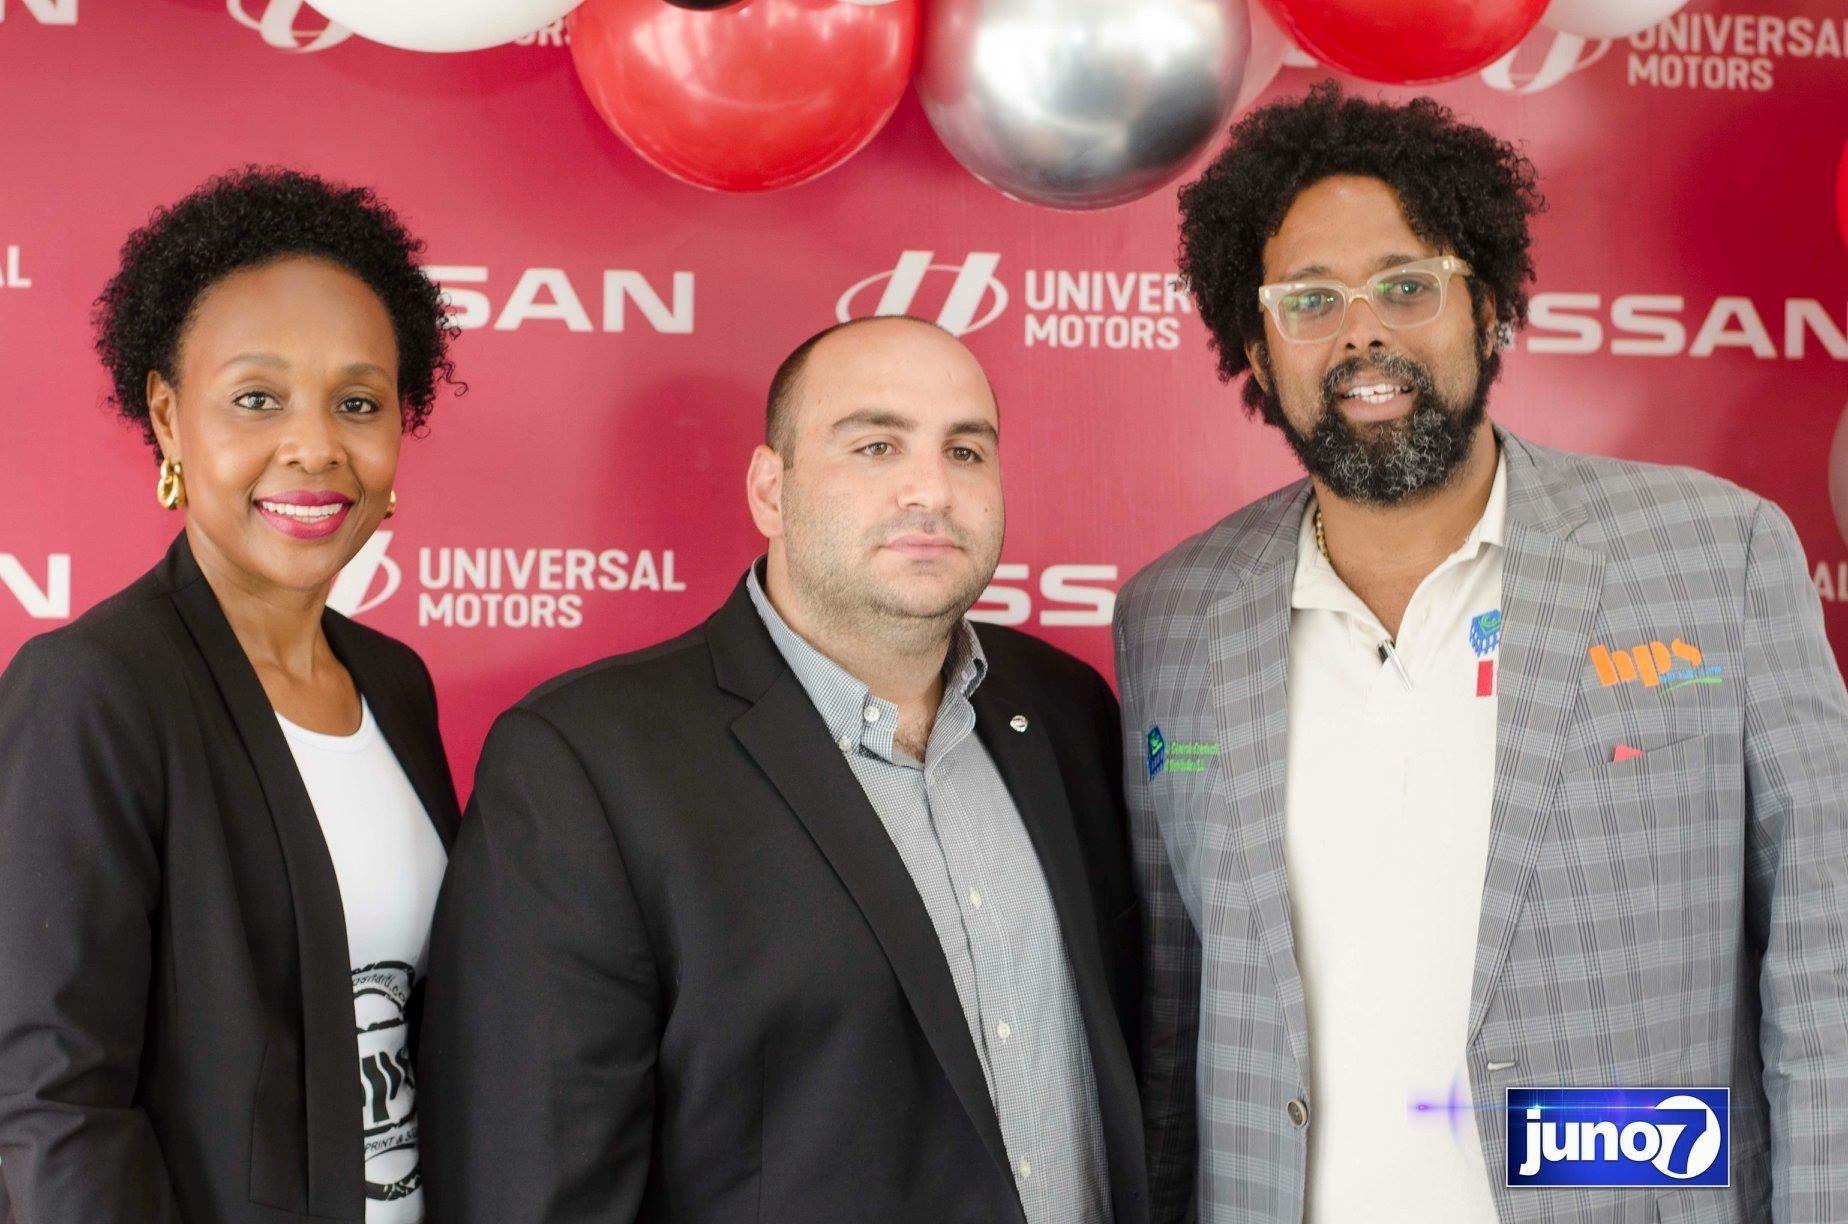 La Nissan Universal Motors inaugure le plus grand showroom de la caraïbe et de l'Amérique latine 38